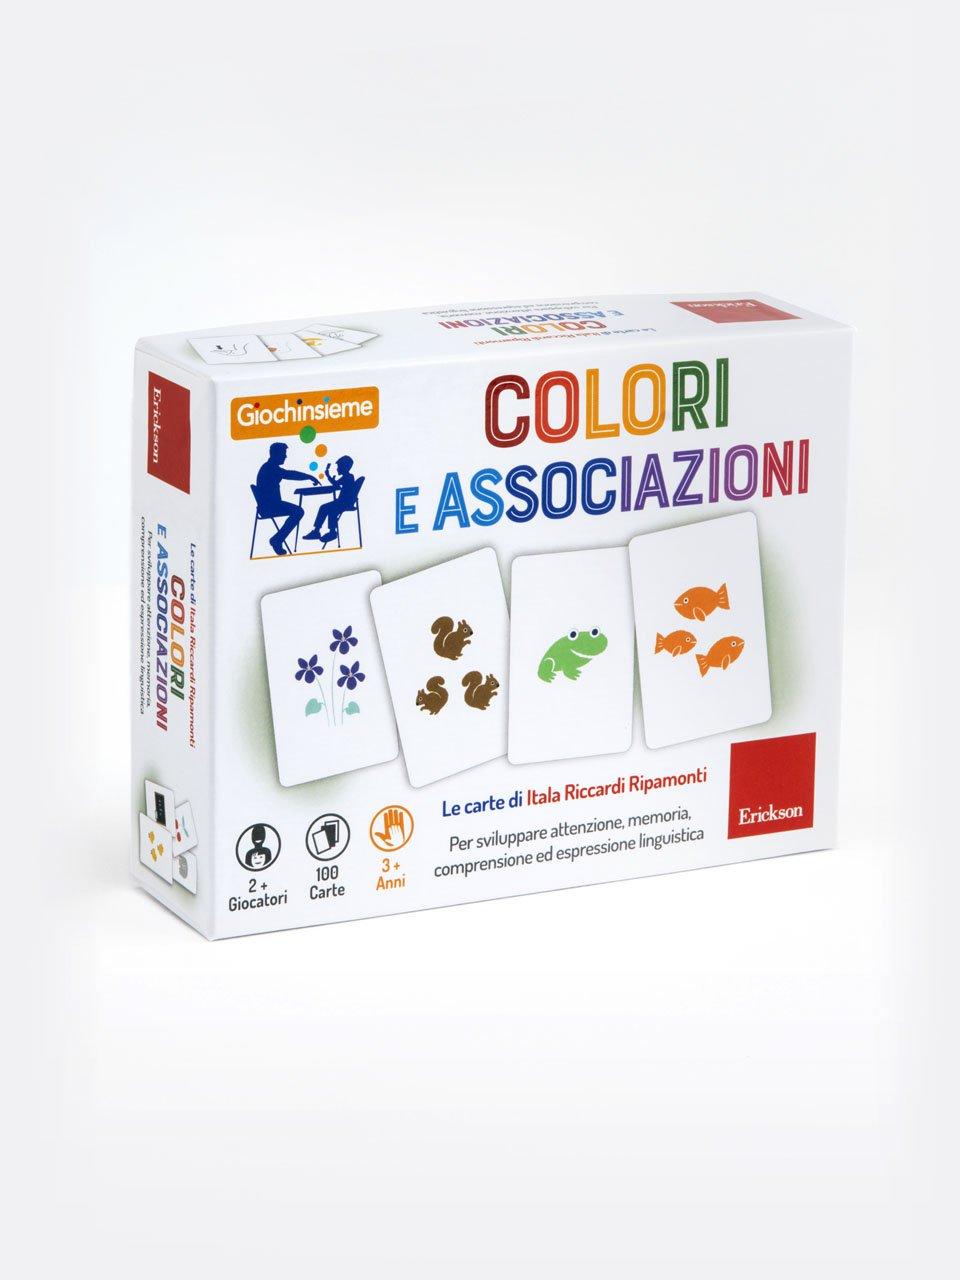 Giochinsieme - Colori e associazioni - Quattro stagioni per giocare - Libri - Erickson